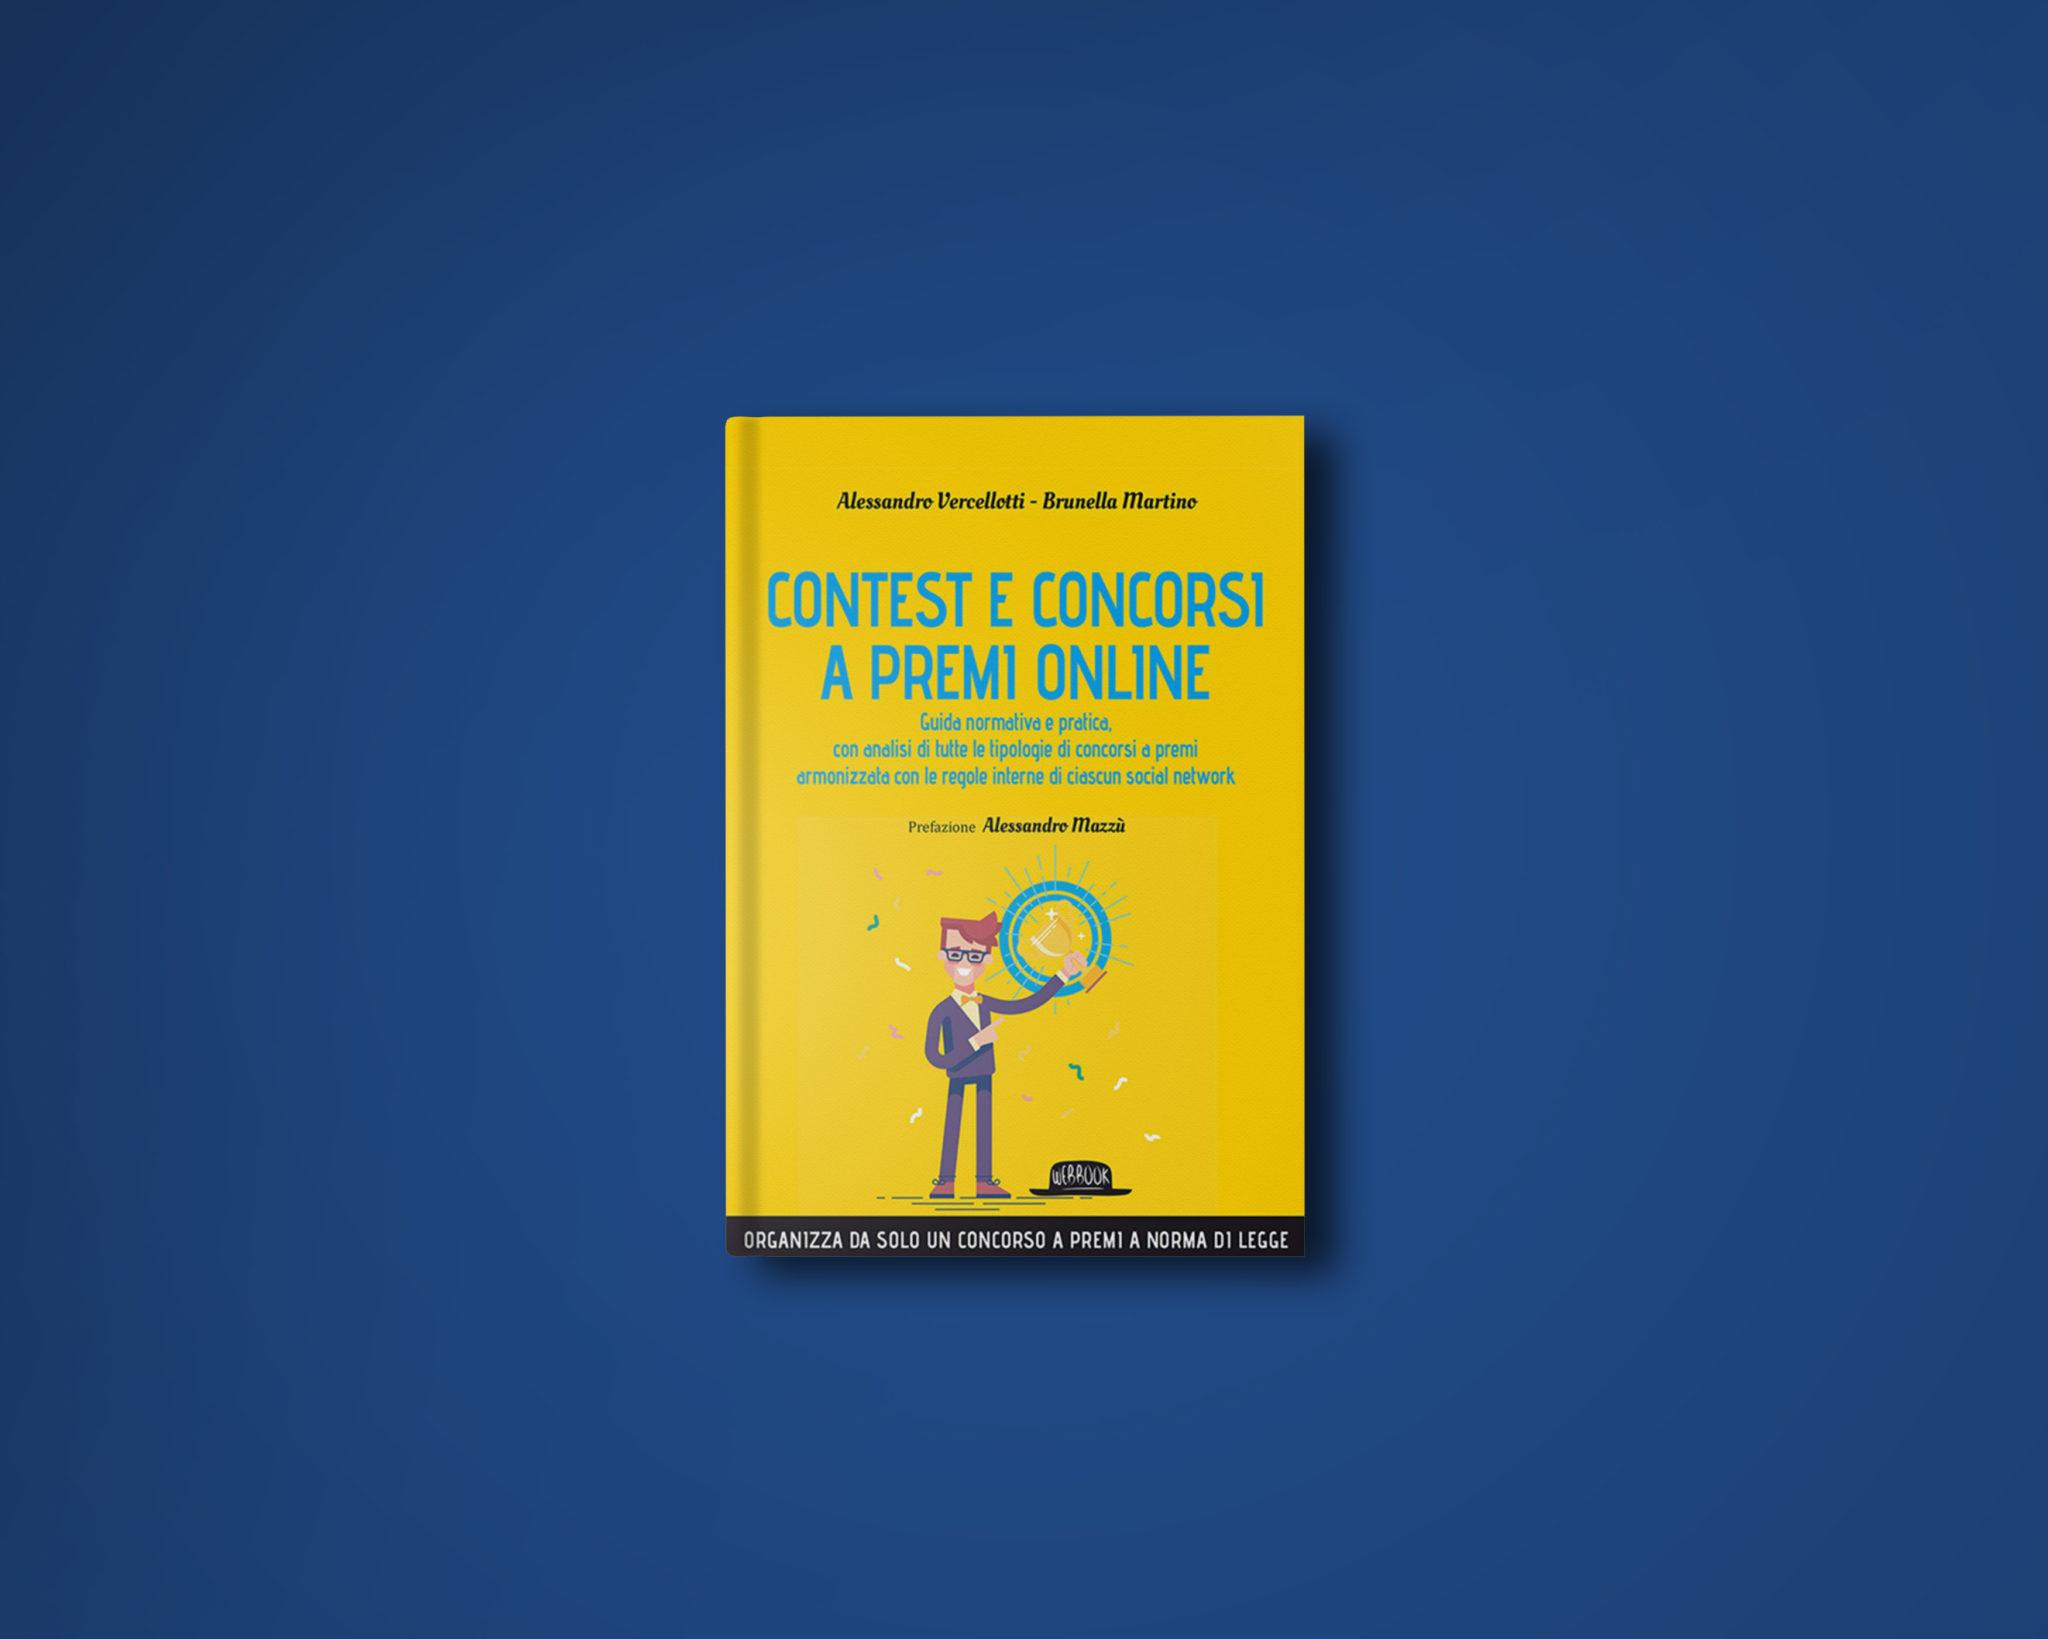 Contest e Concorsi a premi Online di Alessandro Vercellotti e Brunella Martino